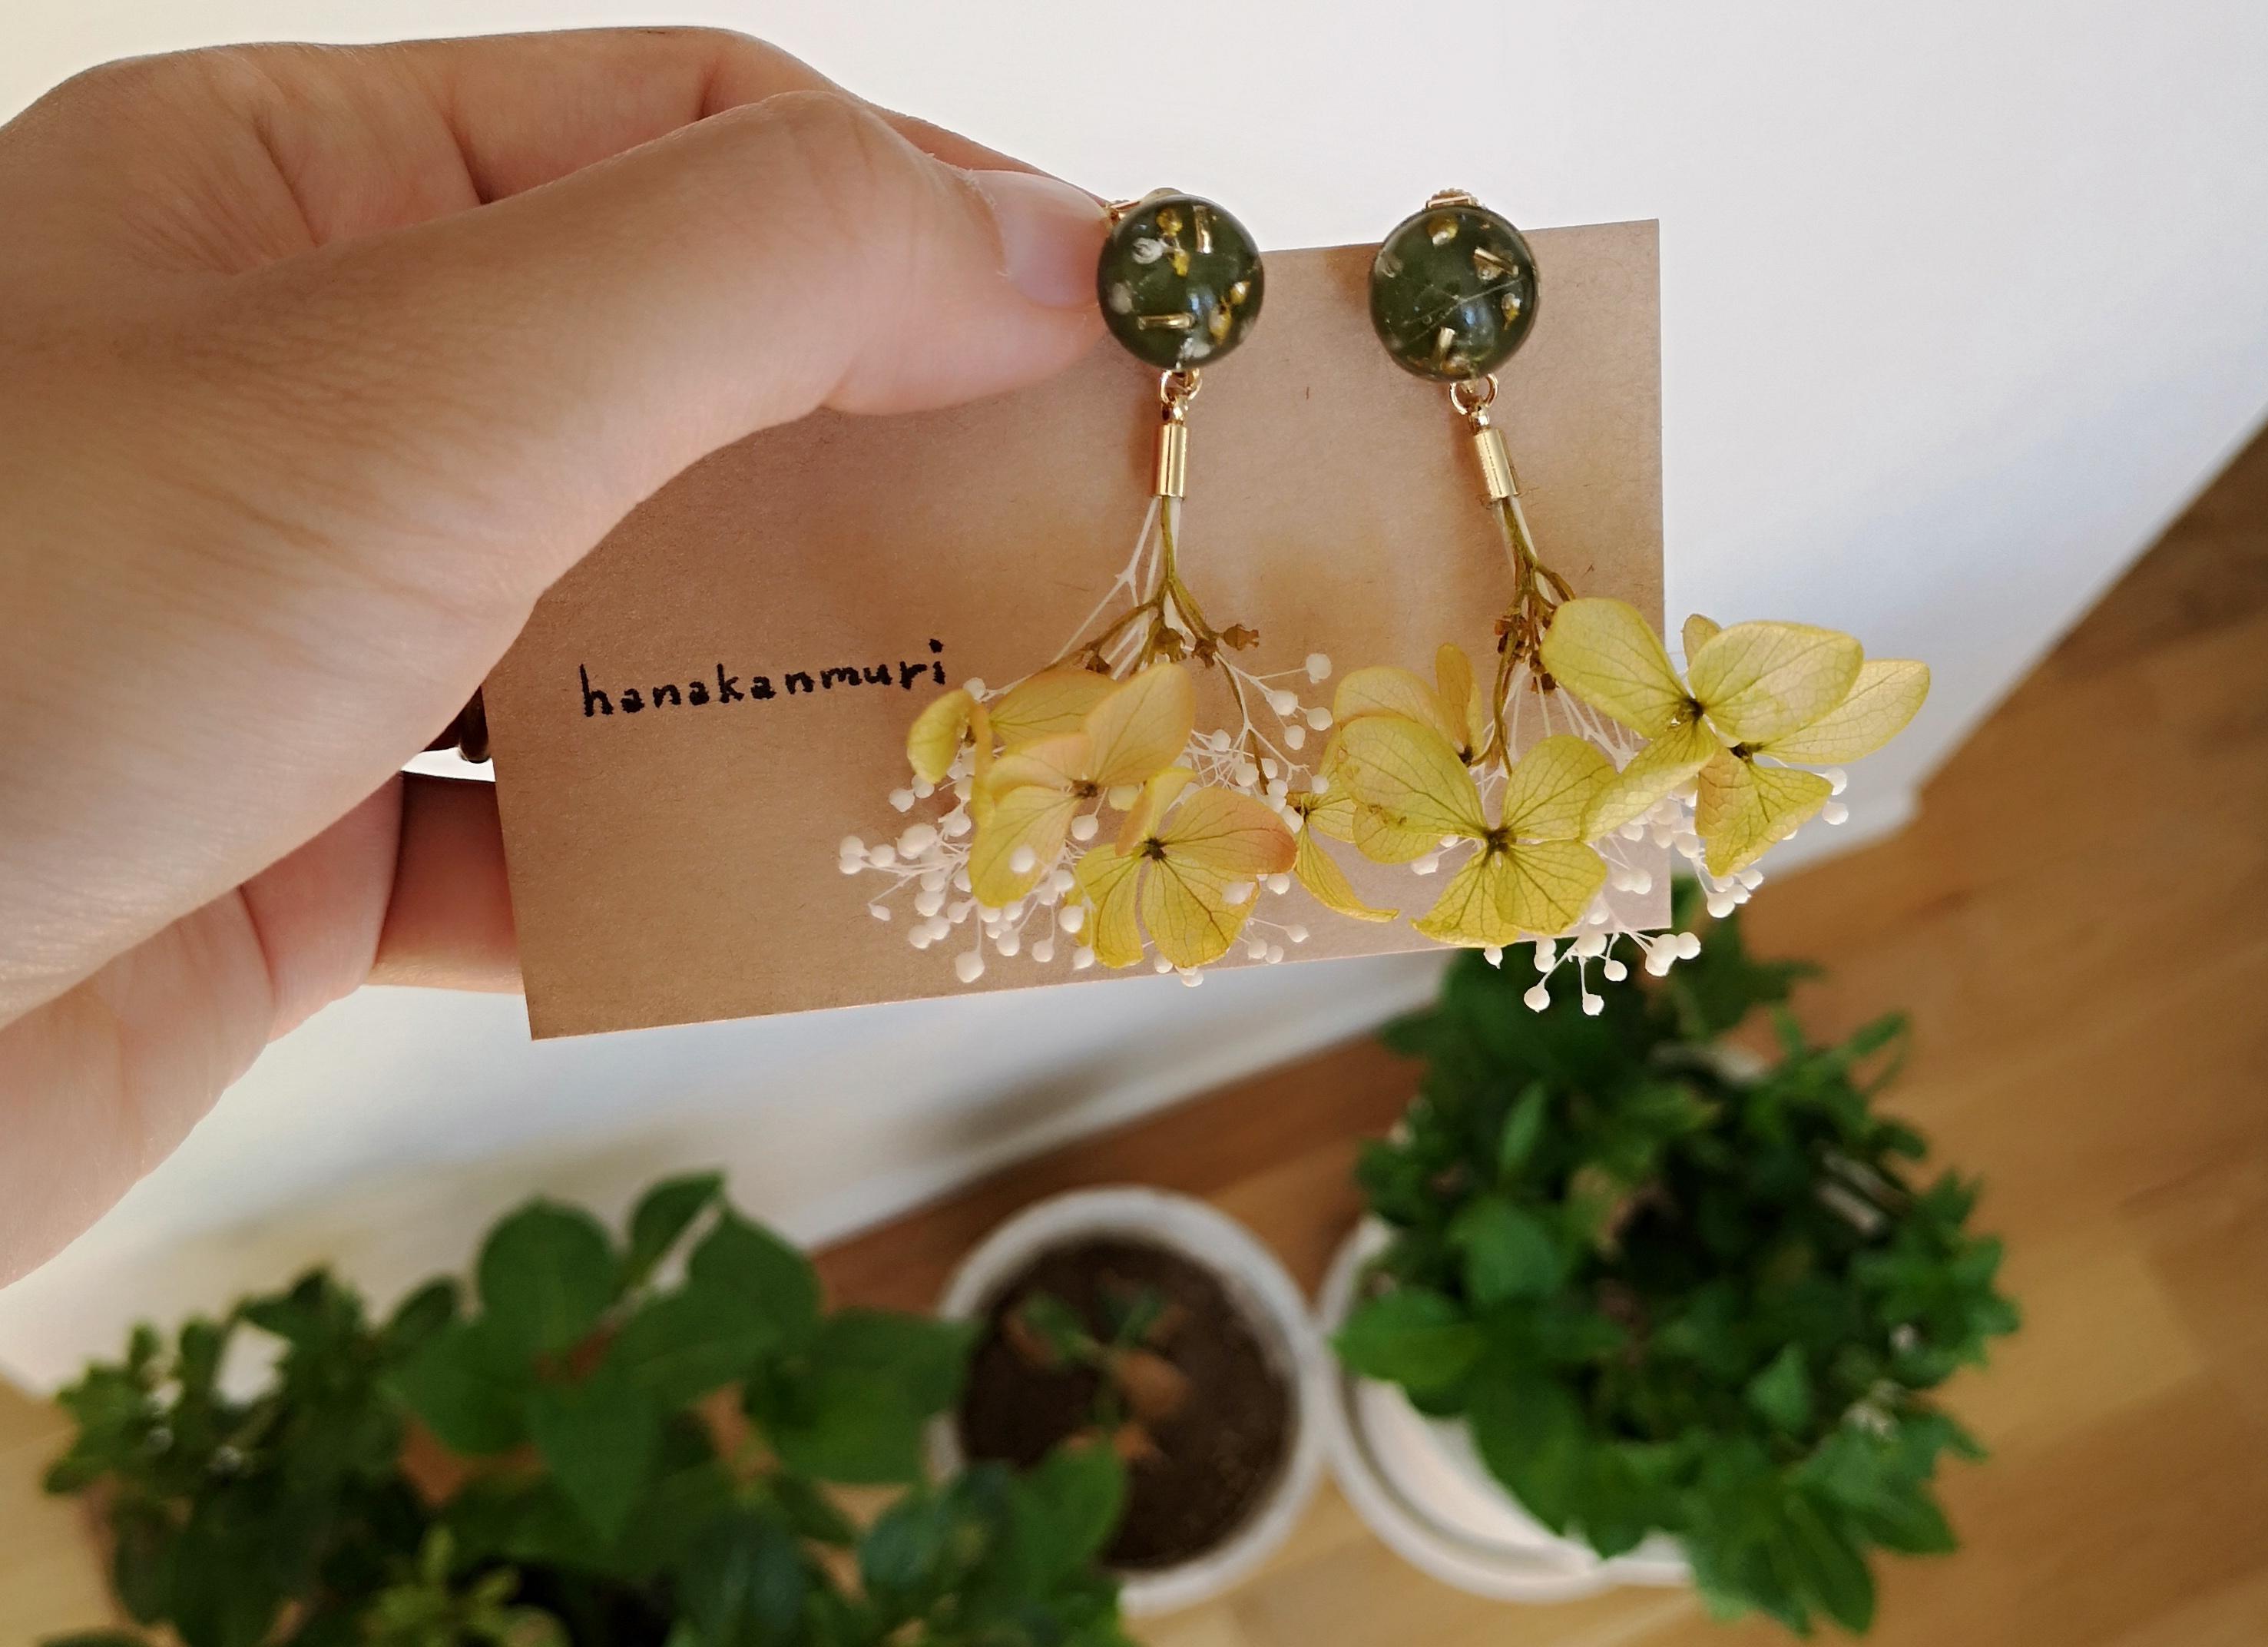 紫陽花とかすみ草のイエローカーキイヤリング2、ハーウェイ上下カット画像